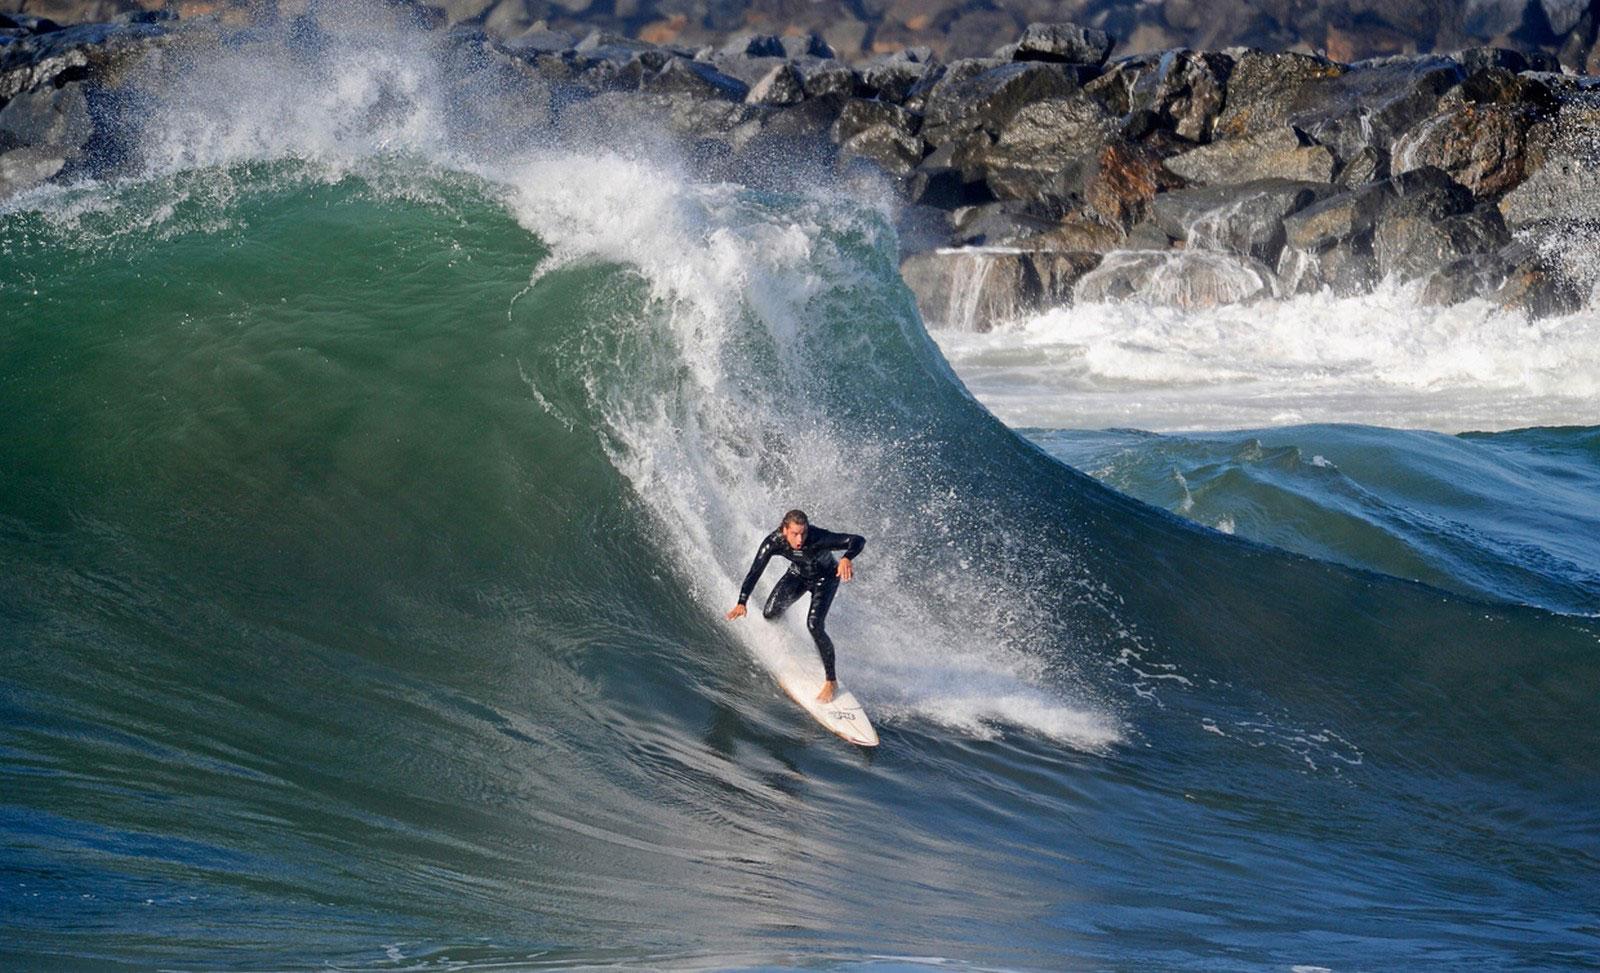 водная стихия Калифорнии